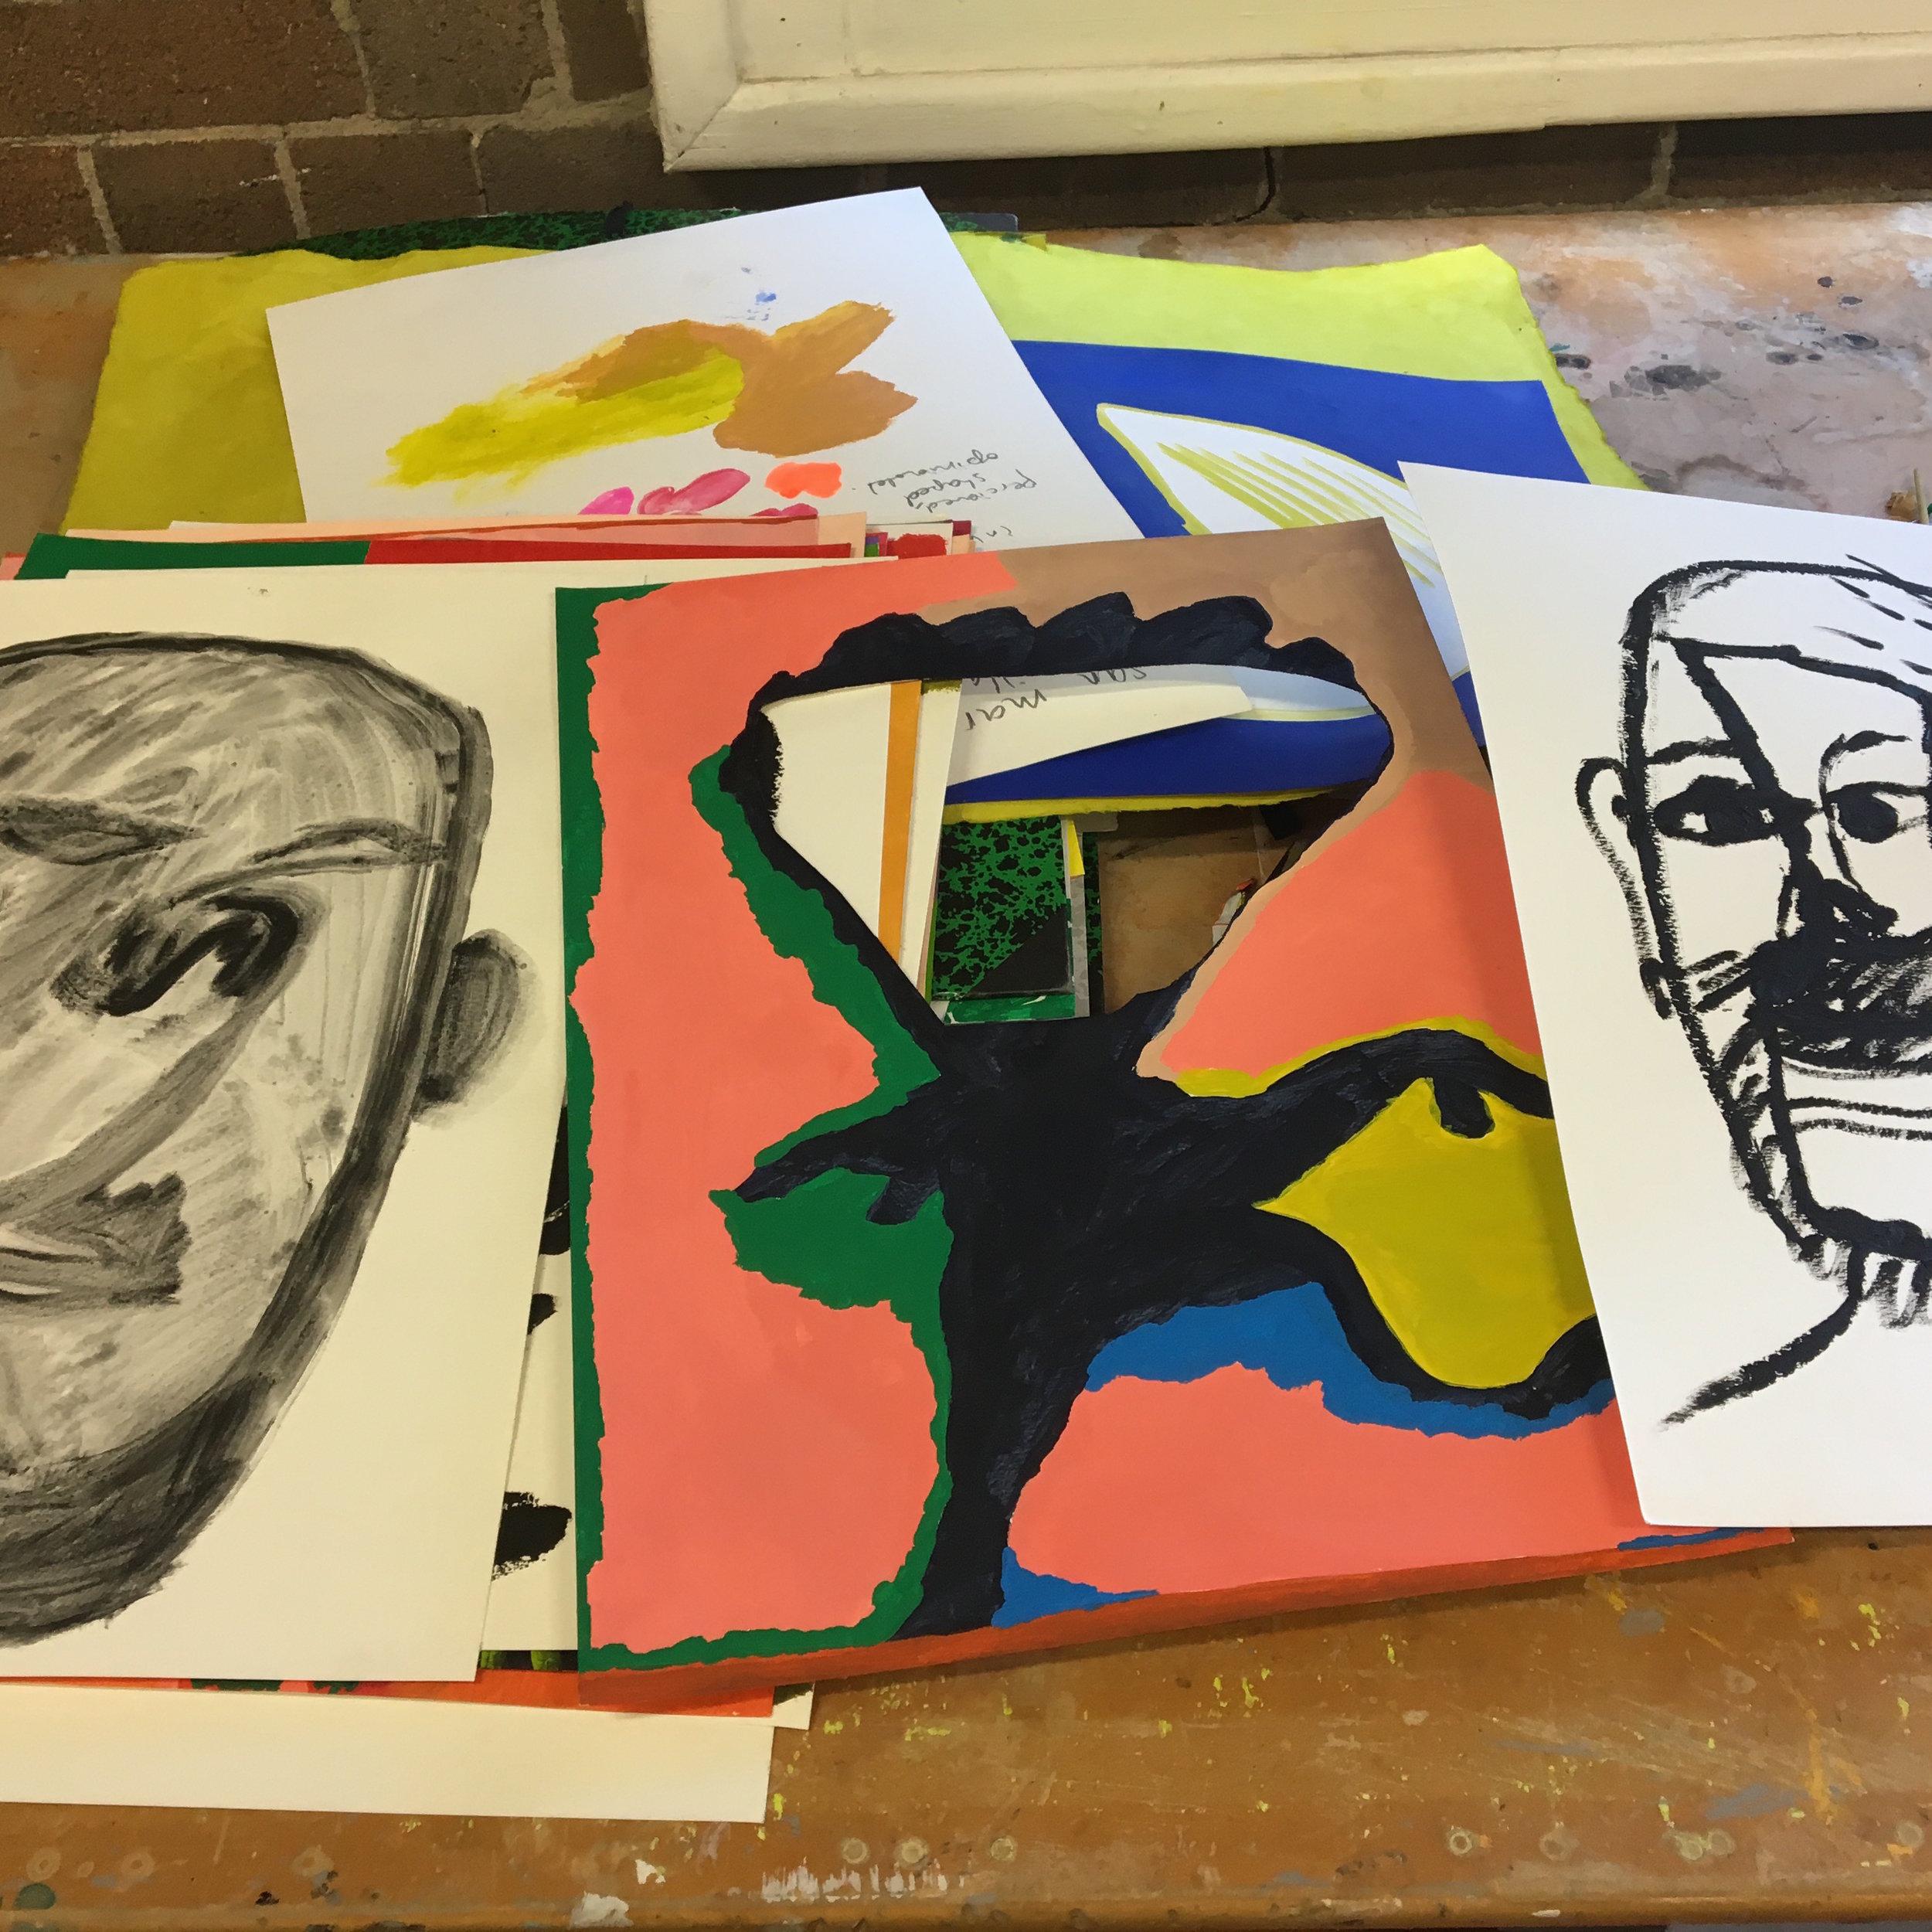 artworks by Tom Polo